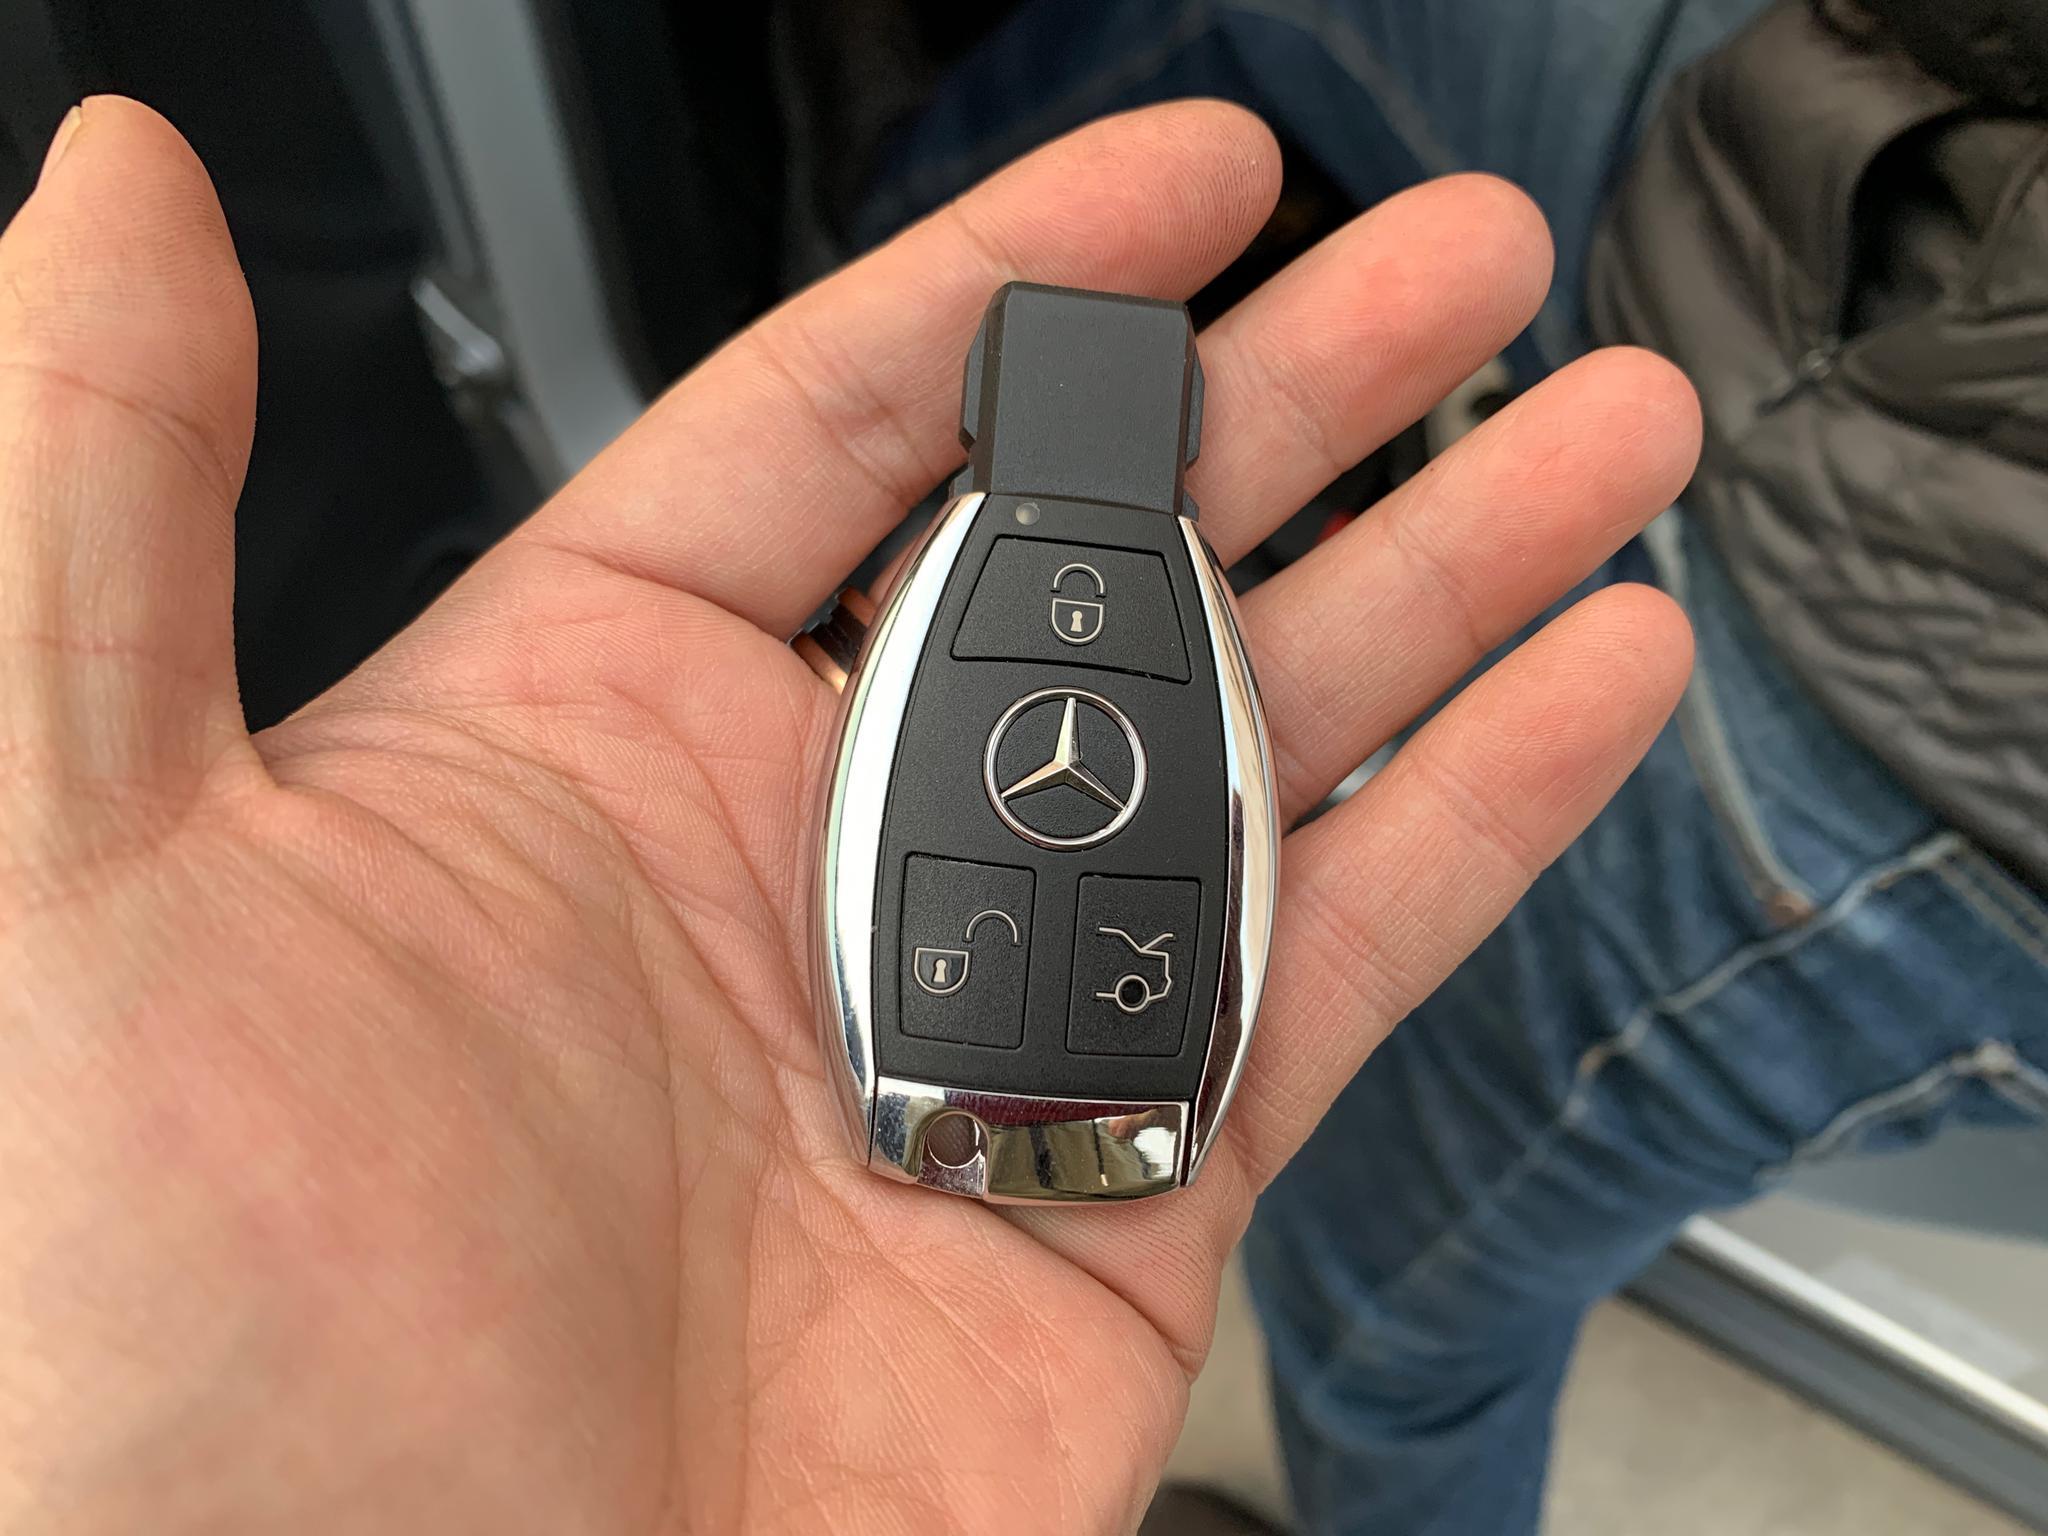 今天恰好在弄E46的灯,抽空去把ML350的钥匙换成了新款造型